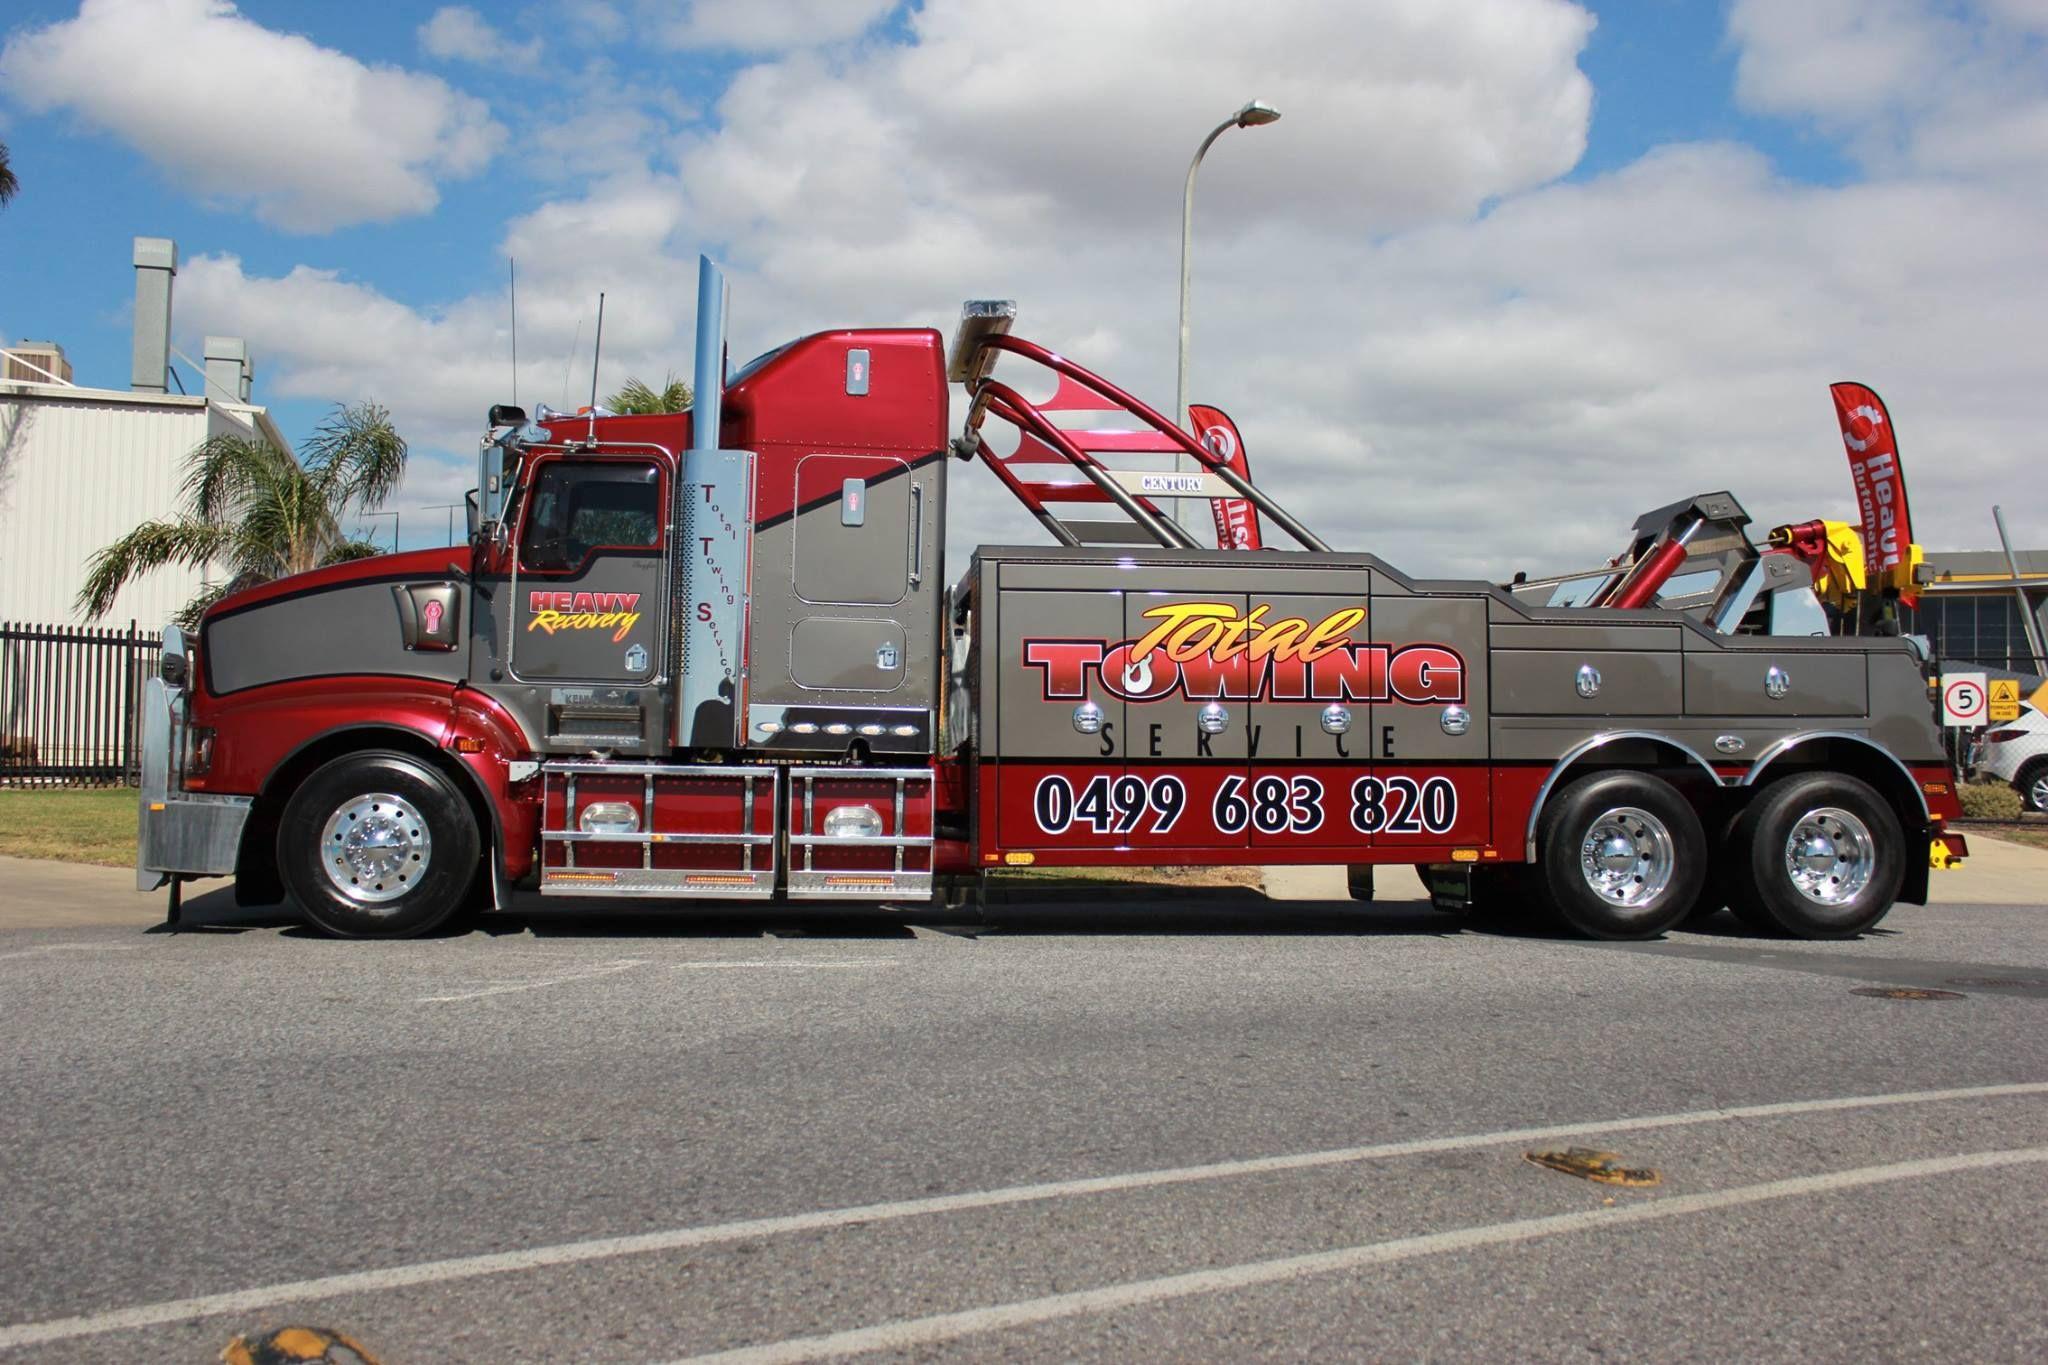 Total towing service burke nsw kenworth century heavy duty wrecker